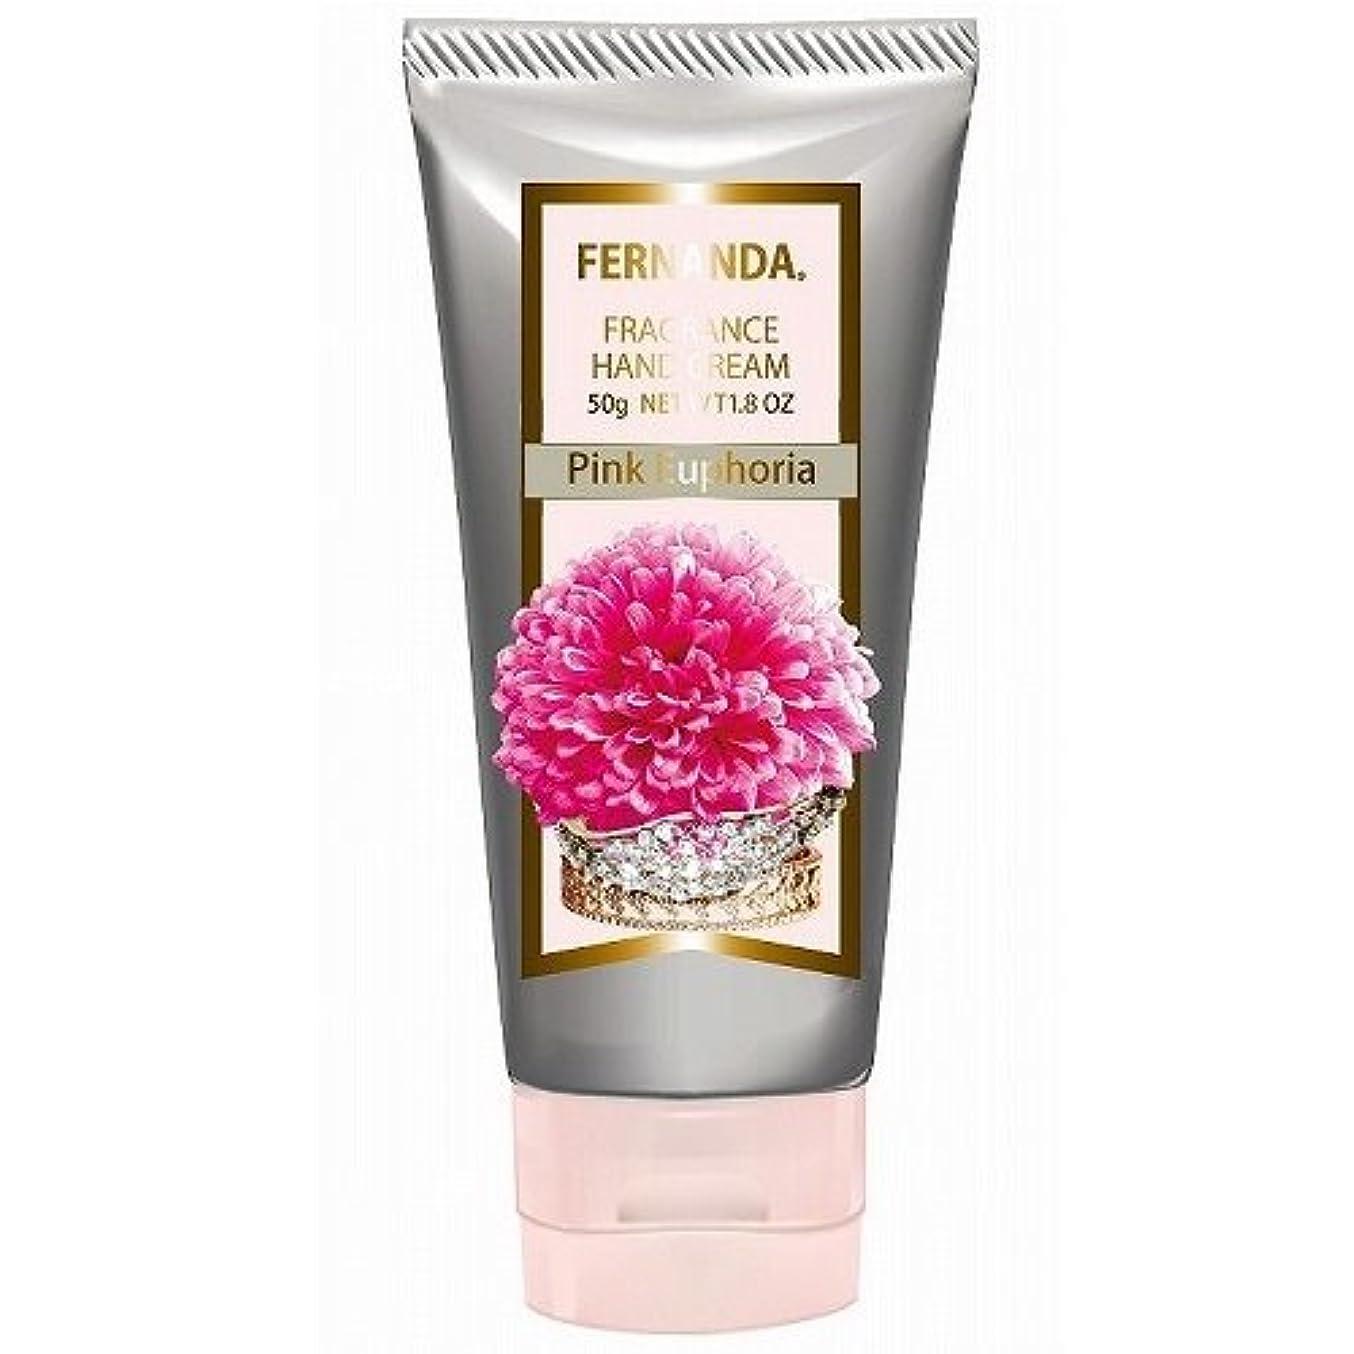 全体にボランティア過剰FERNANDA(フェルナンダ) Hand Cream Pink Euphoria (ハンドクリーム ピンクエウフォリア)